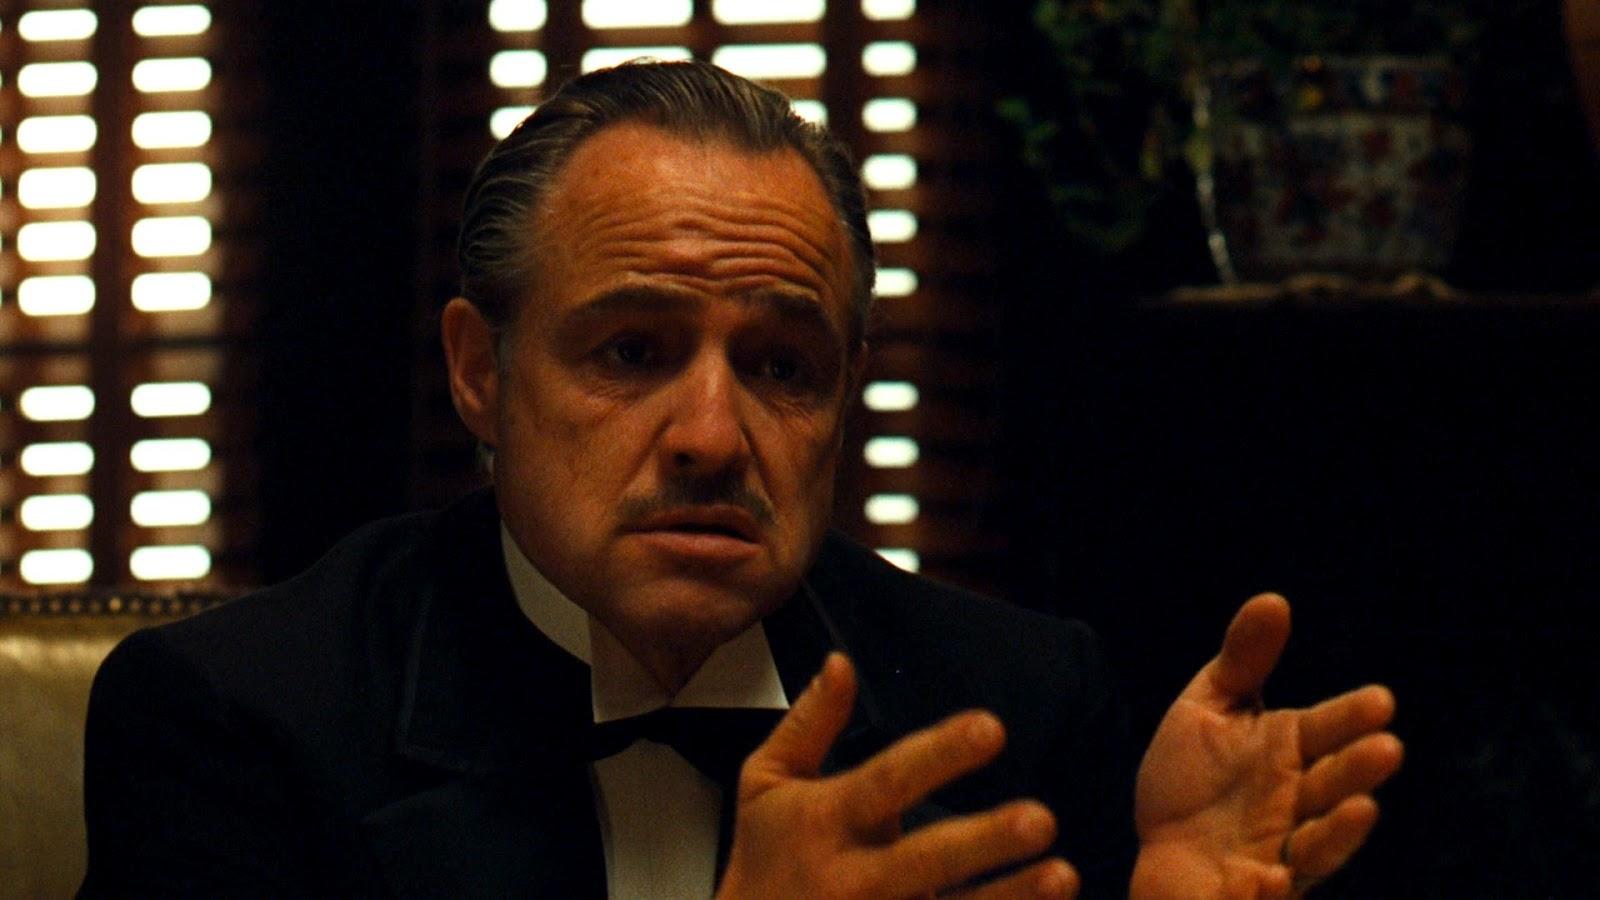 http://1.bp.blogspot.com/-eBVOvAxXbbc/UFJIo-n_ygI/AAAAAAAAAR0/j813LUM_Rz4/s1600/the-godfather.jpg